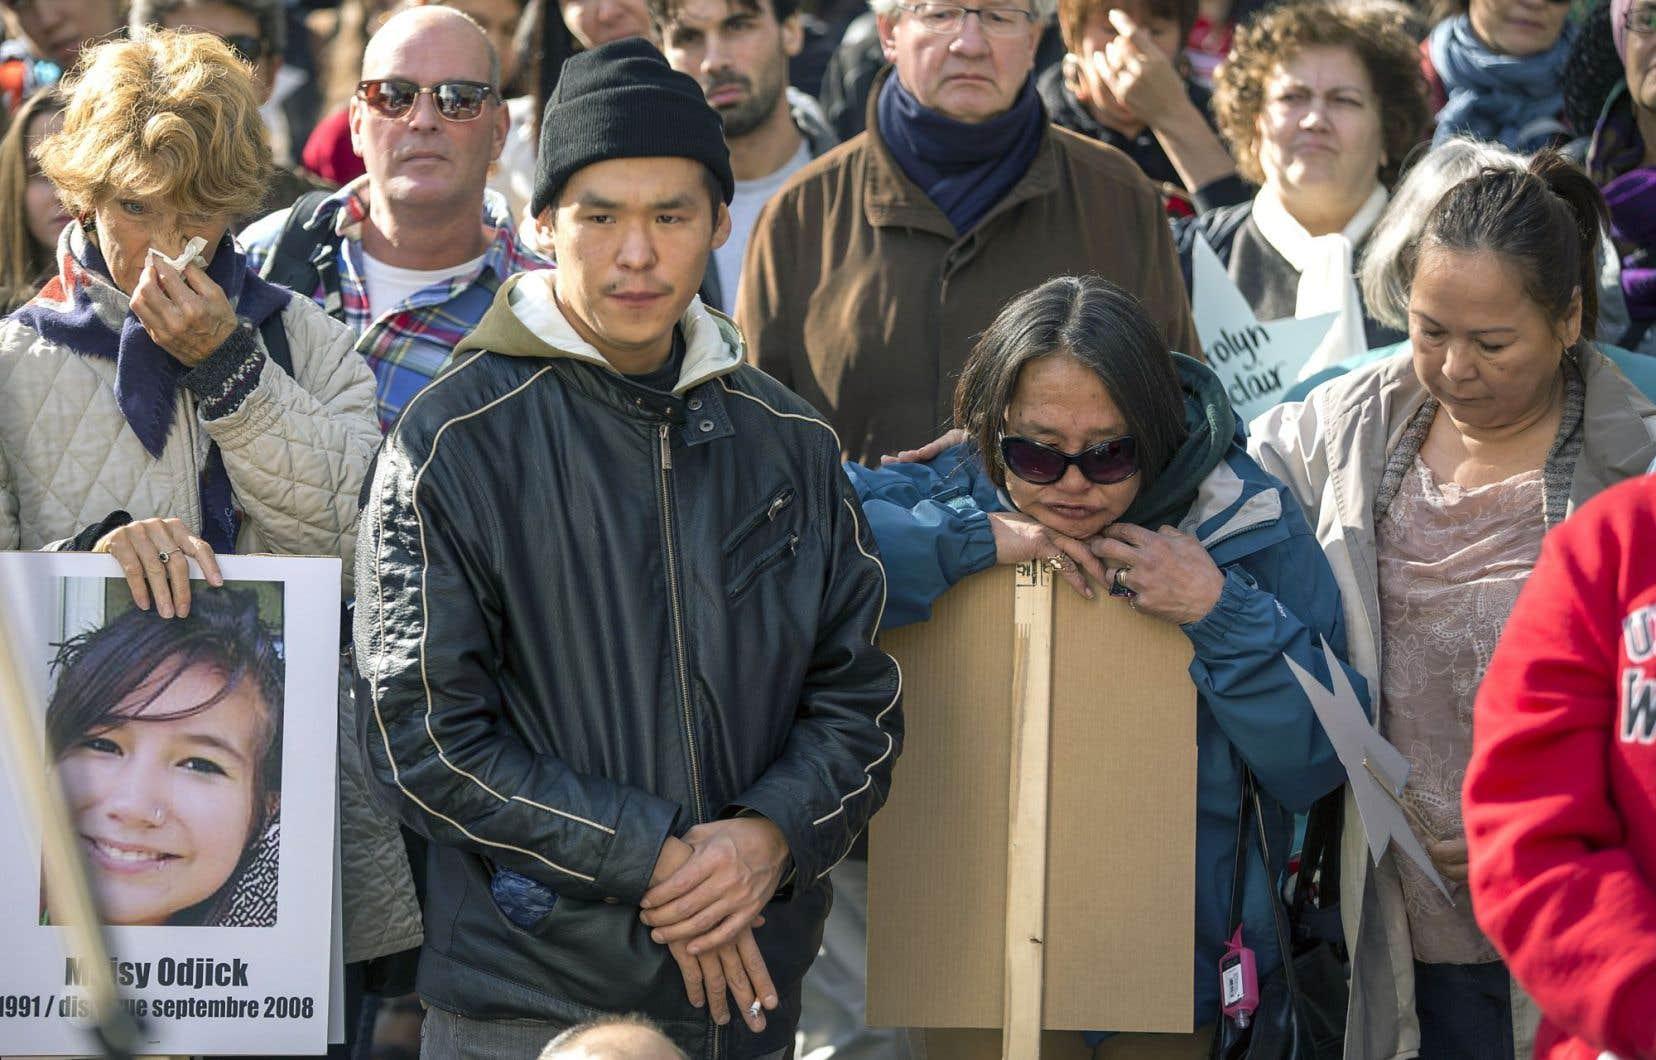 La marche commémorative du 4octobre, qui s'est déroulée dans les rues de Montréal, en était cette année à sa dixième édition.